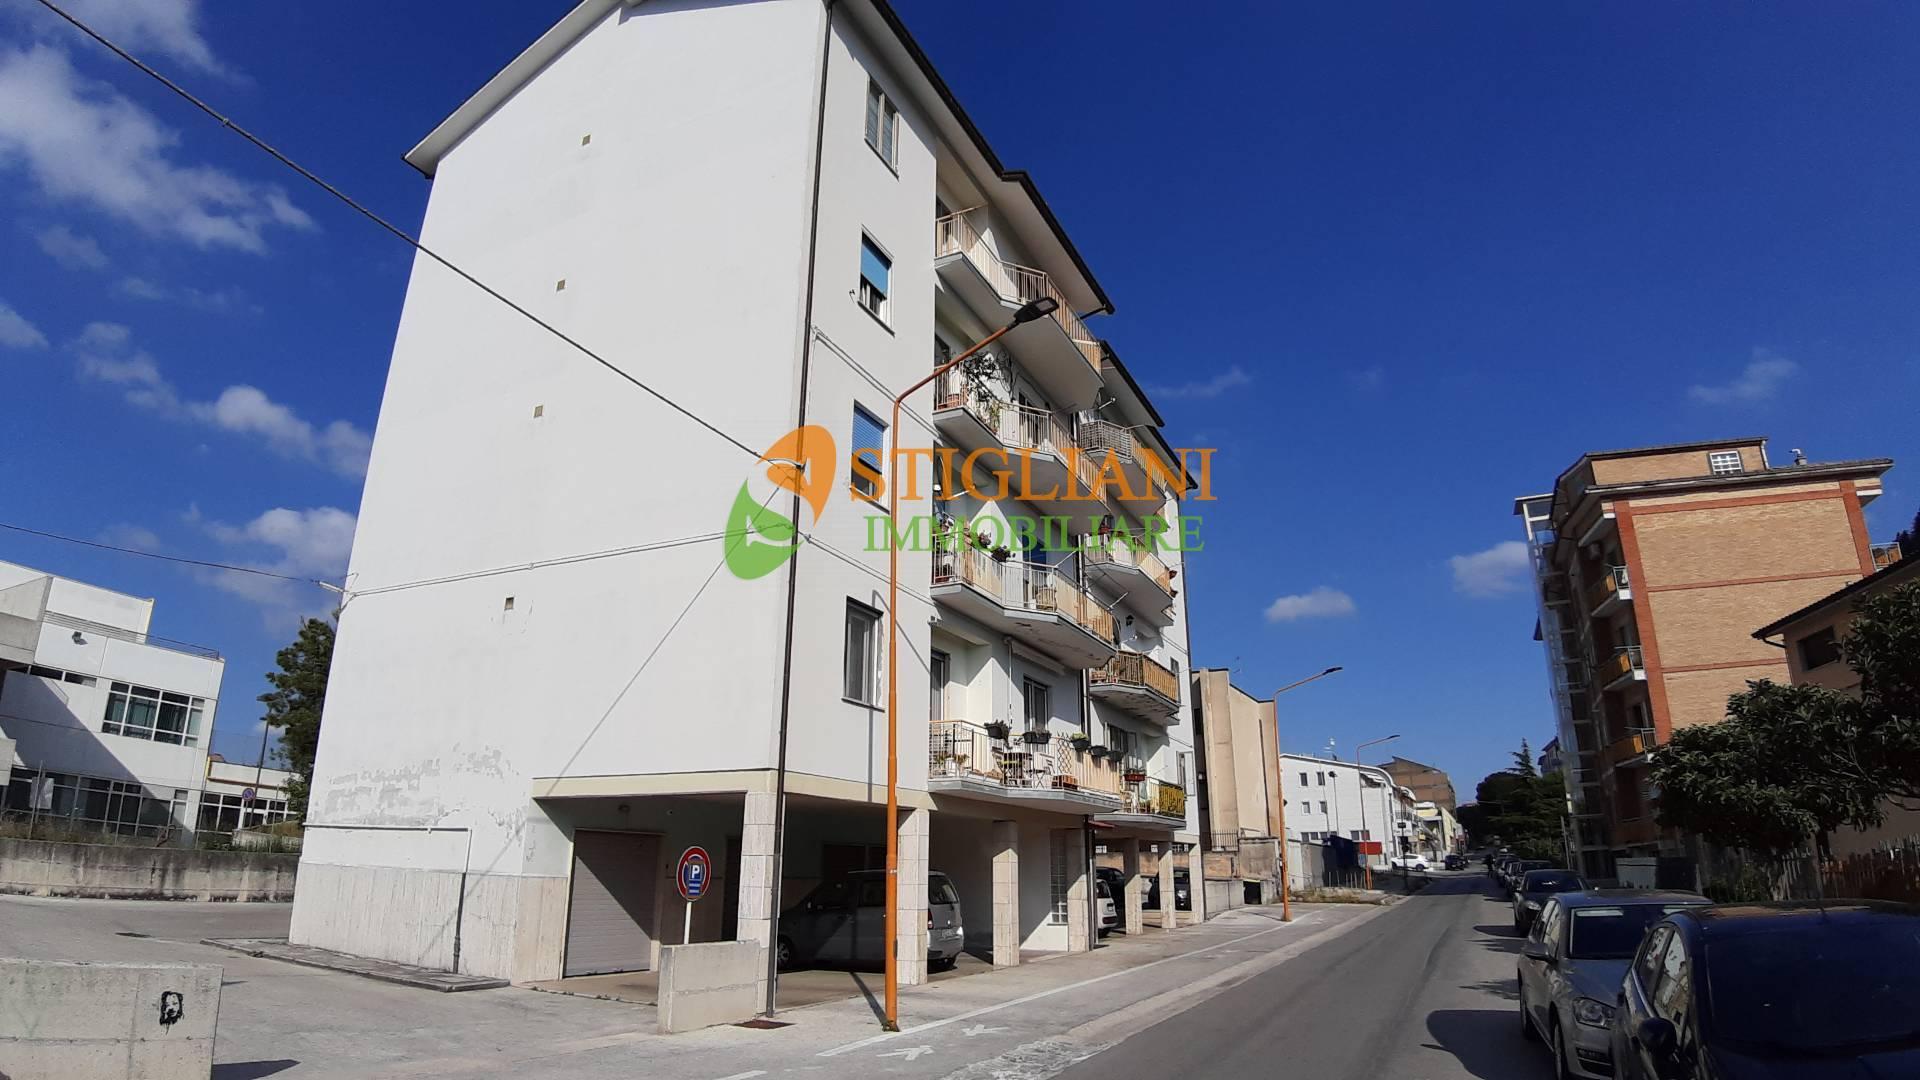 Appartamento in vendita a Campobasso, 5 locali, zona Zona: Semicentro, prezzo € 69.000 | CambioCasa.it